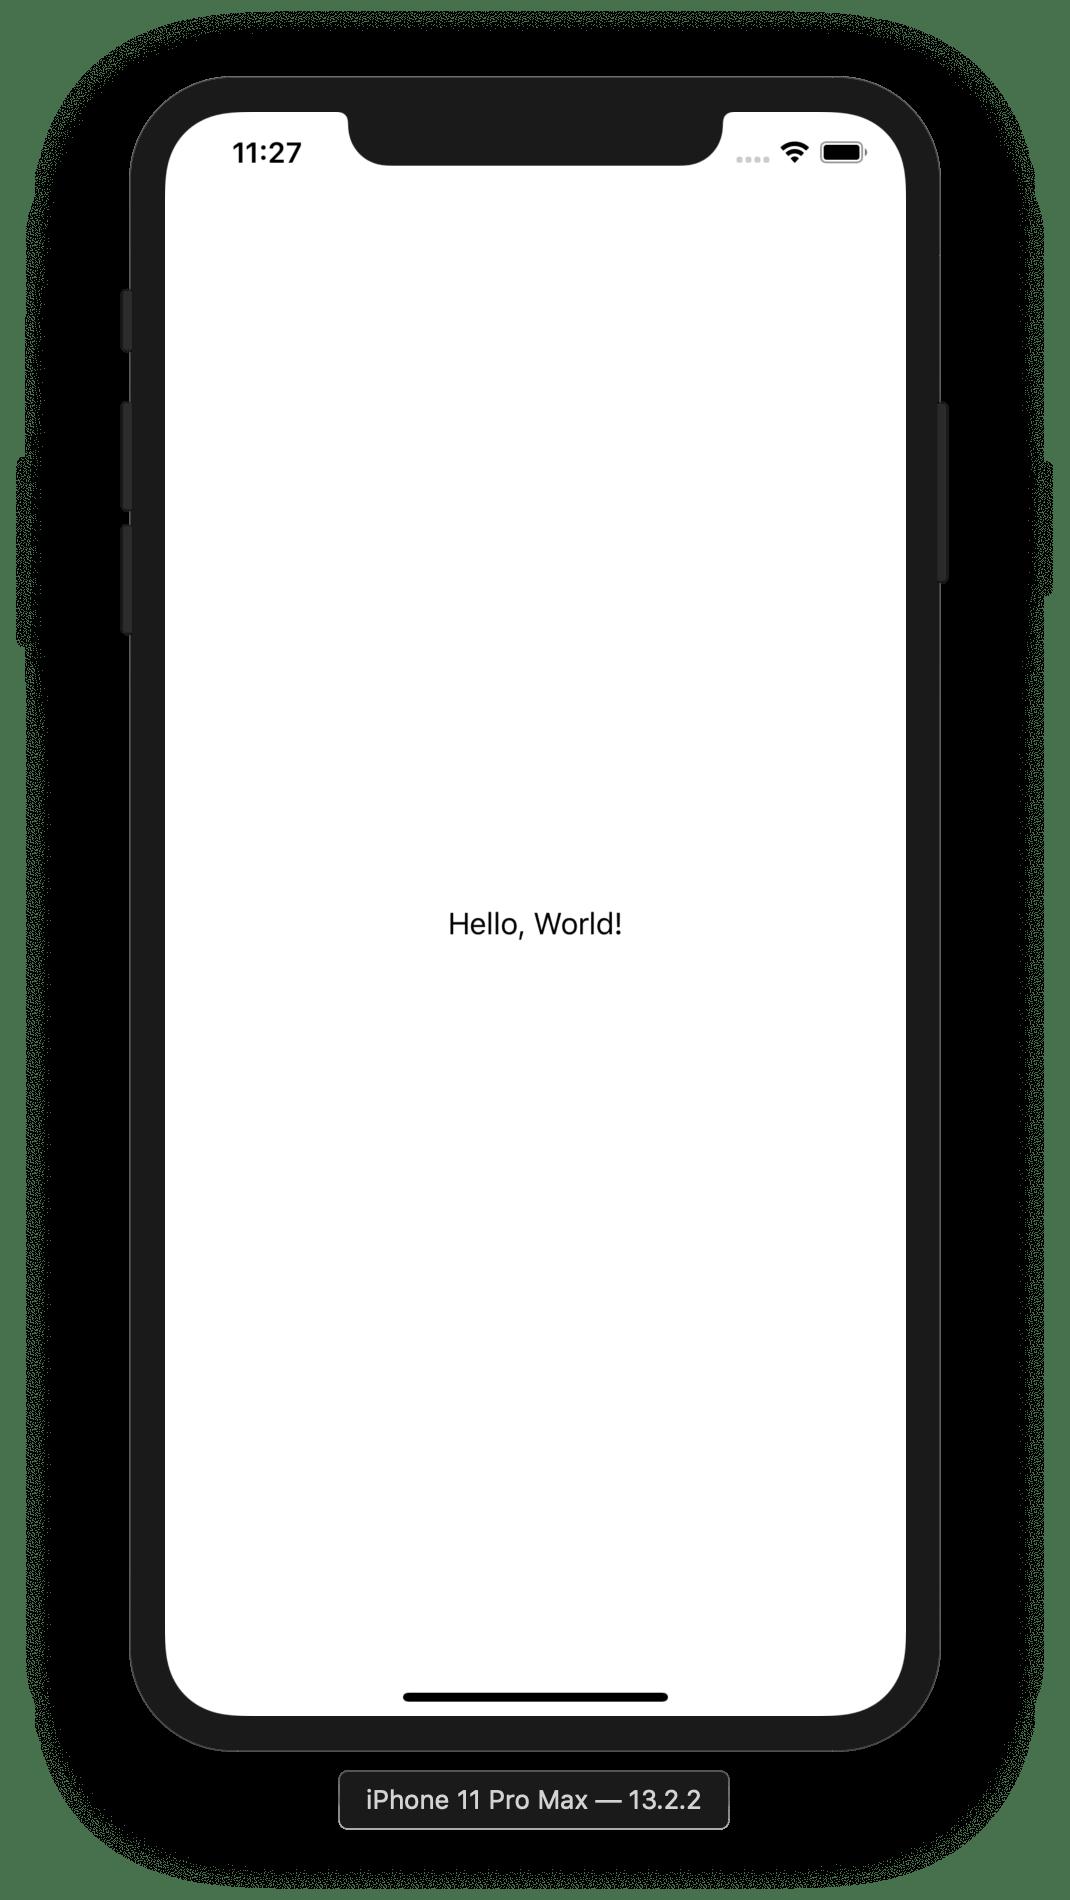 Hello,worldと表示されてしまう画像